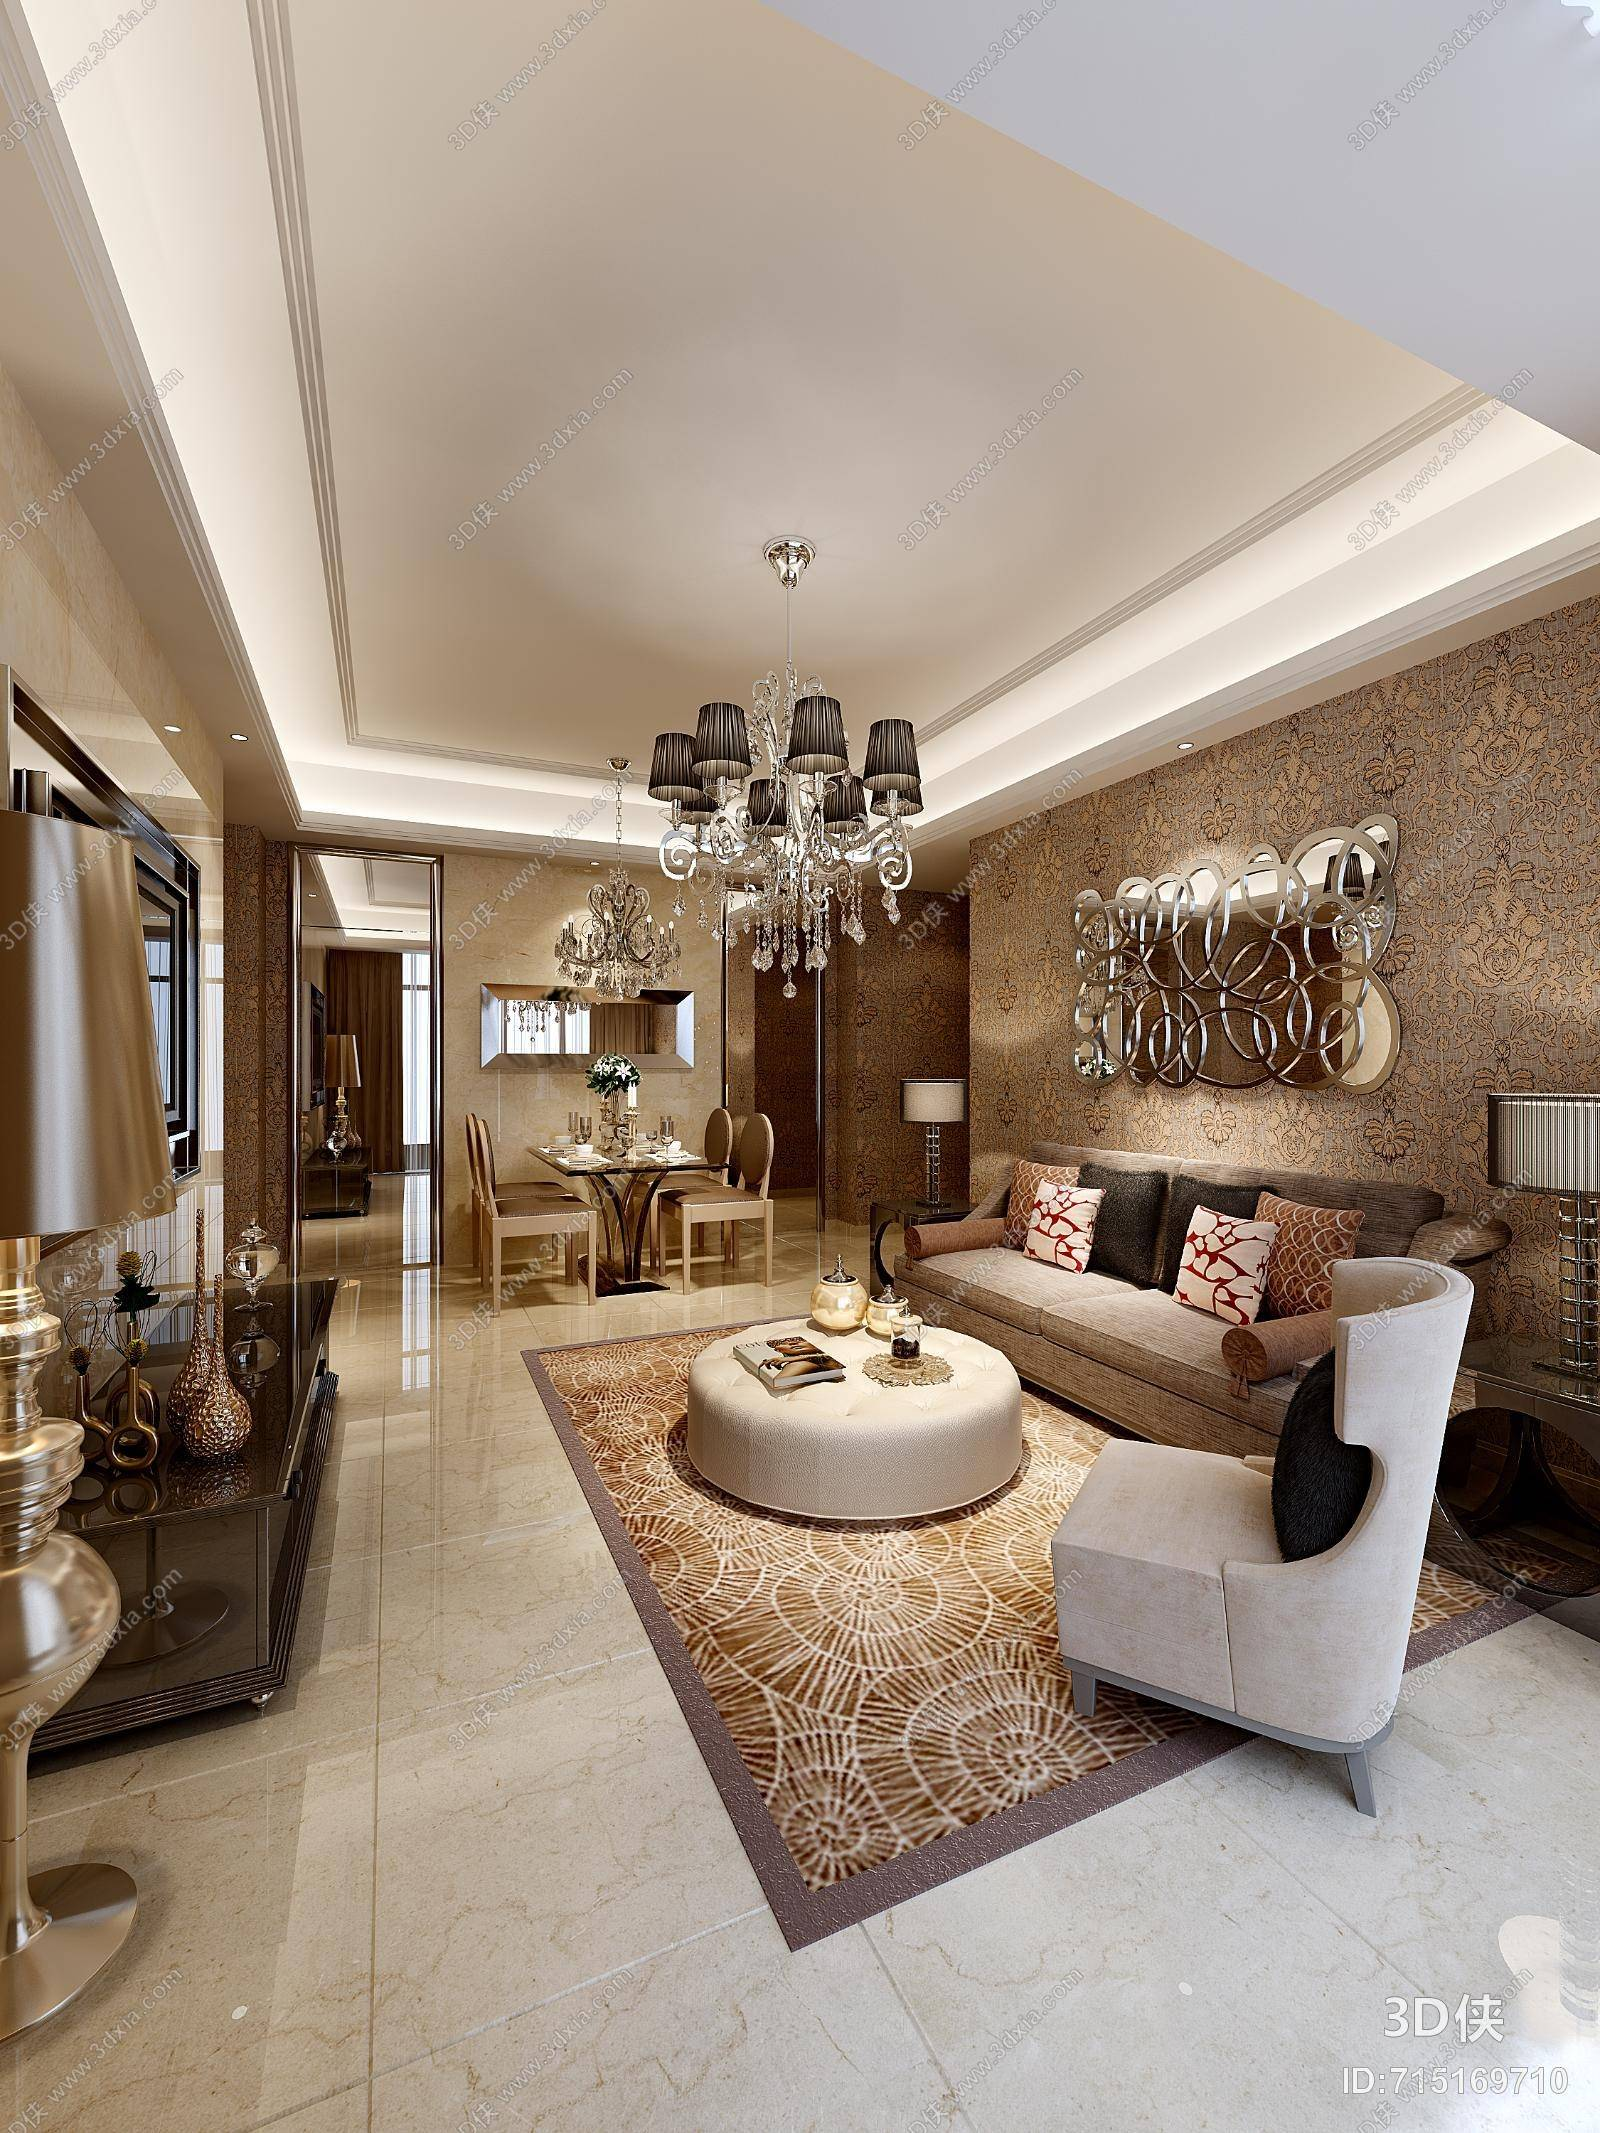 欧式简约金色家居客厅 欧式简约棕色布艺沙发茶几组合 经典欧式黑色金